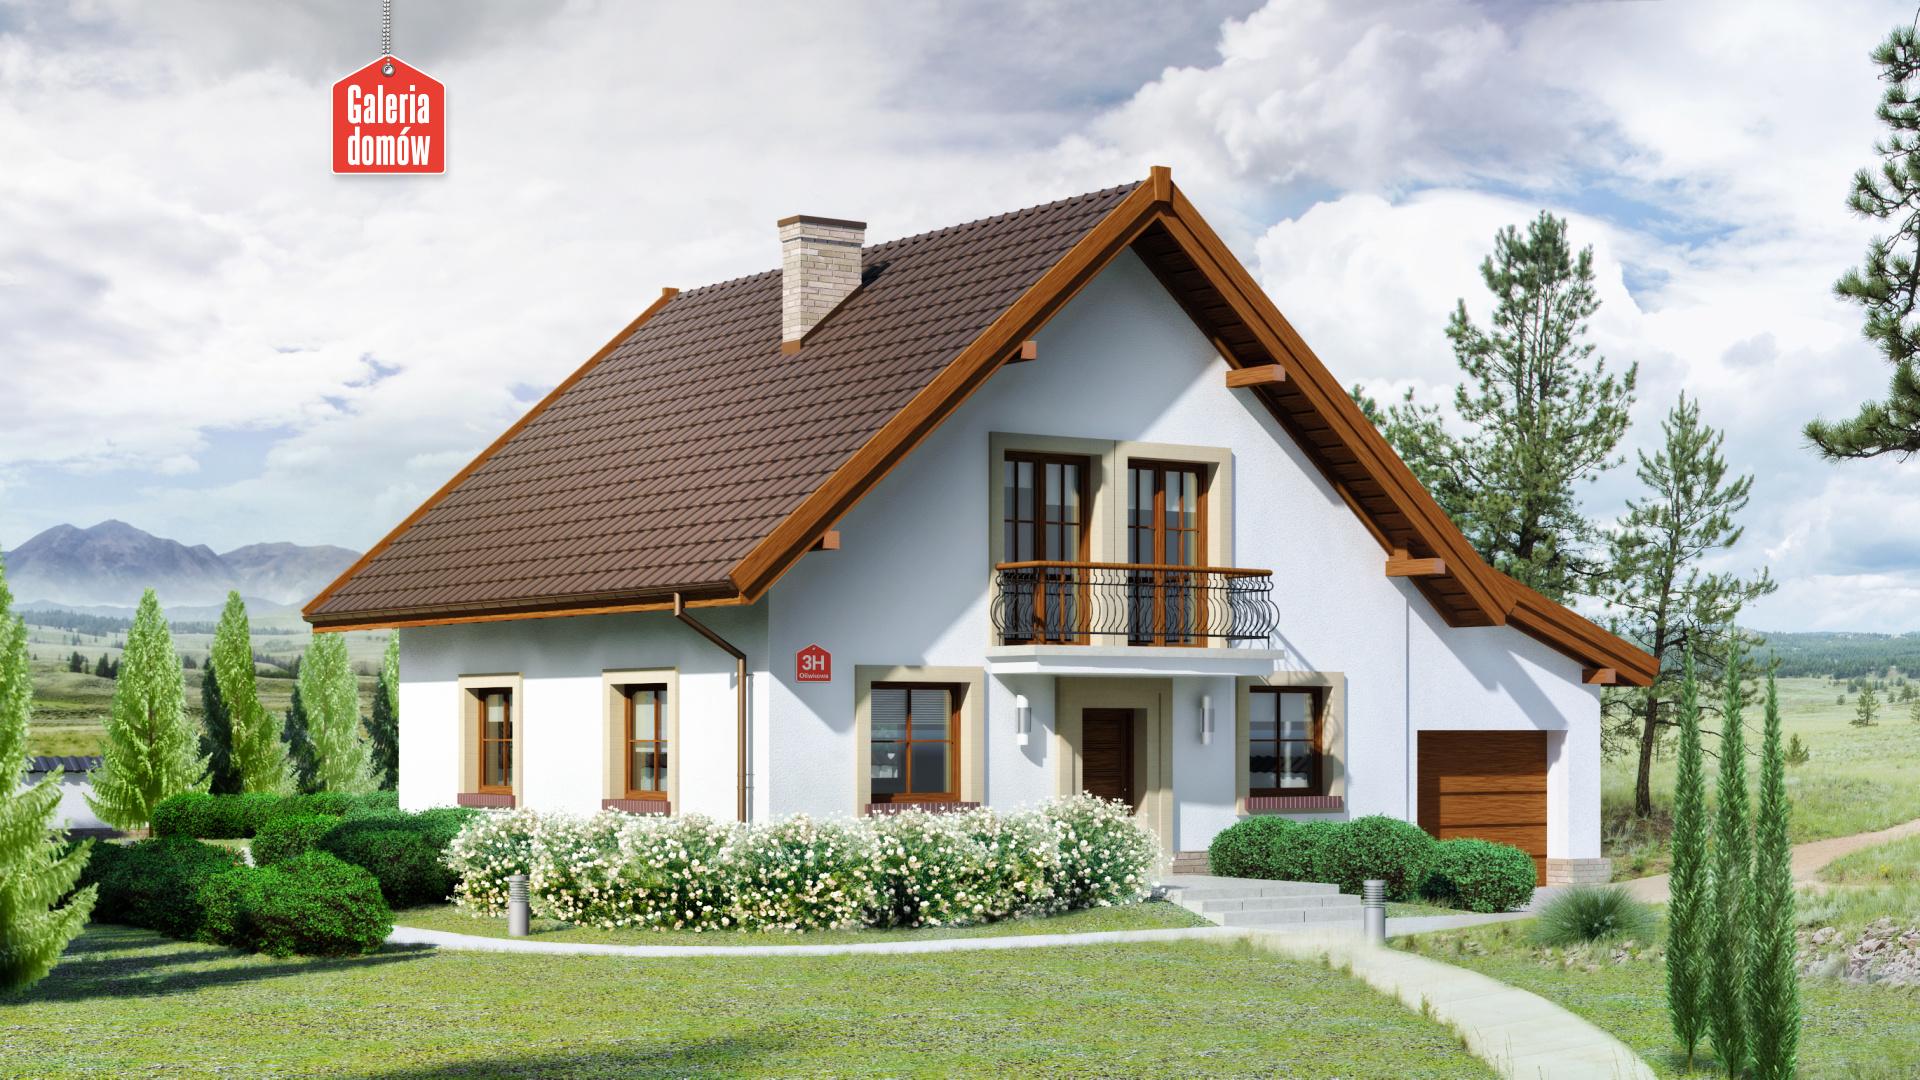 Dom przy Oliwkowej 3 H - zdjęcie projektu i wizualizacja